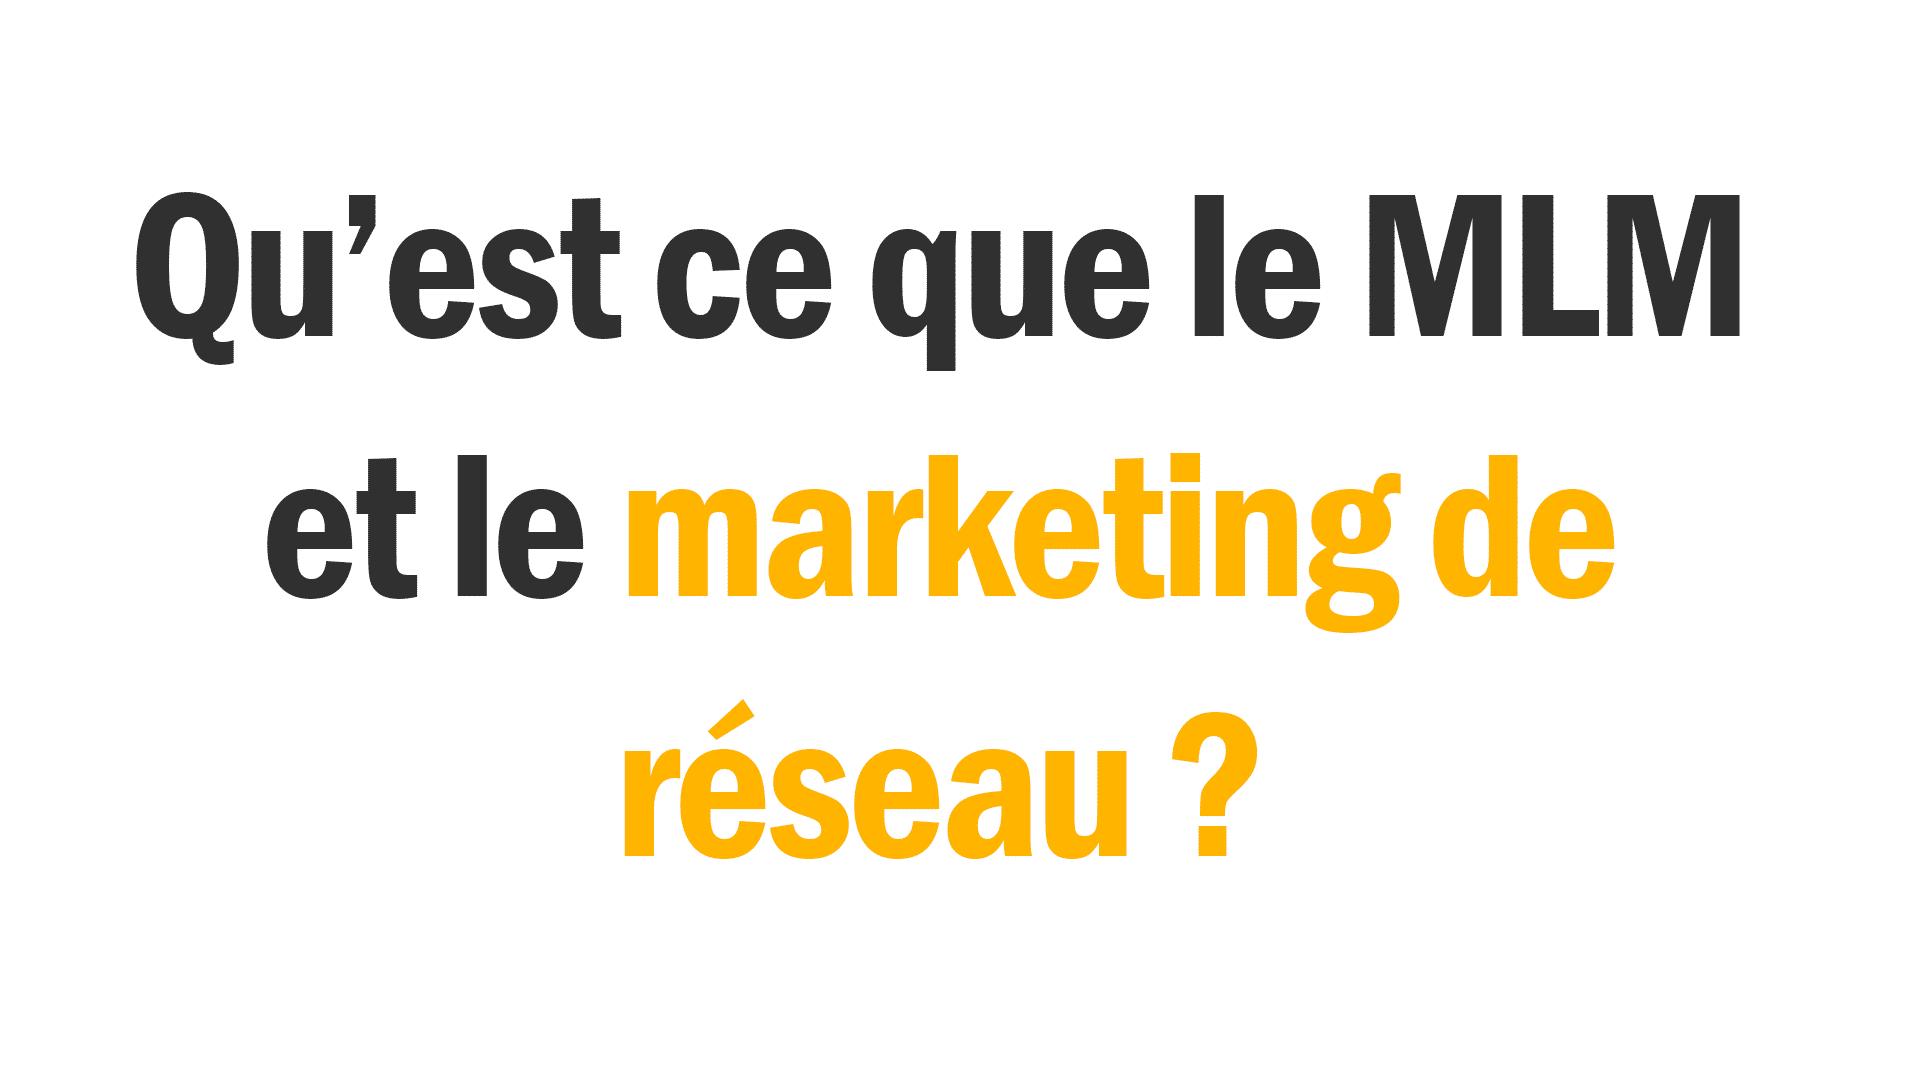 Un texte noir et jaune sur fond blanc qui demande qu'est ce que le mlm ou le marketing de réseau.